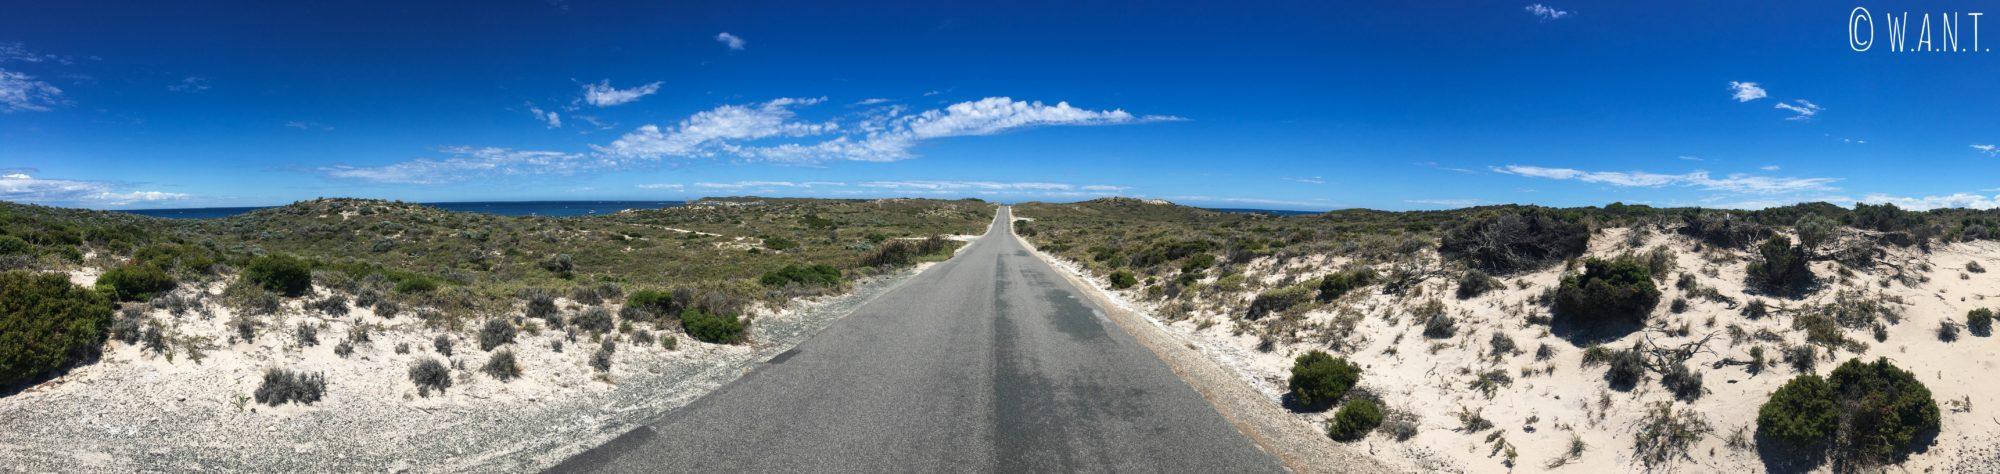 L'une des routes de Rottnest Island